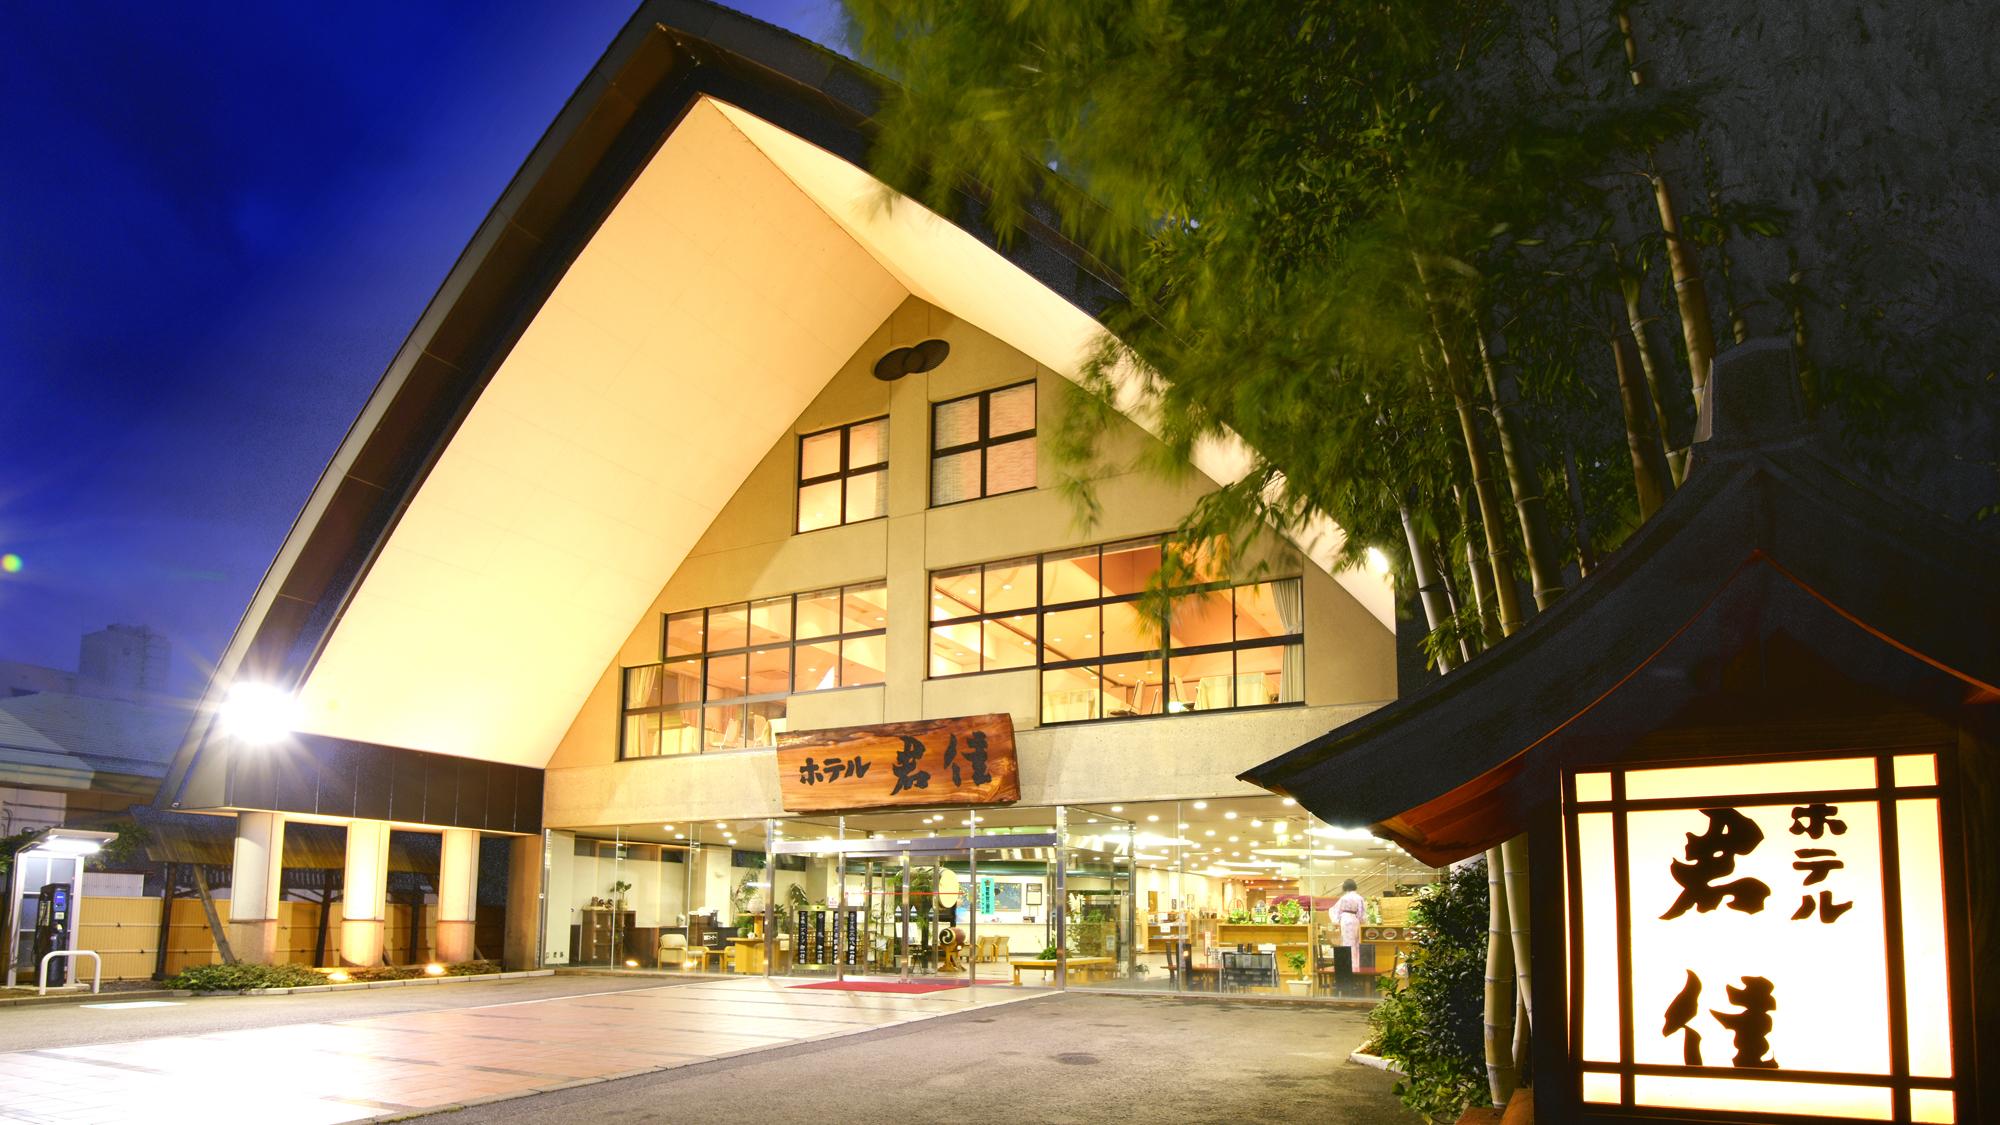 彼女の誕生日を石和温泉で祝いたいので、記念日の特典がある宿を探してます。